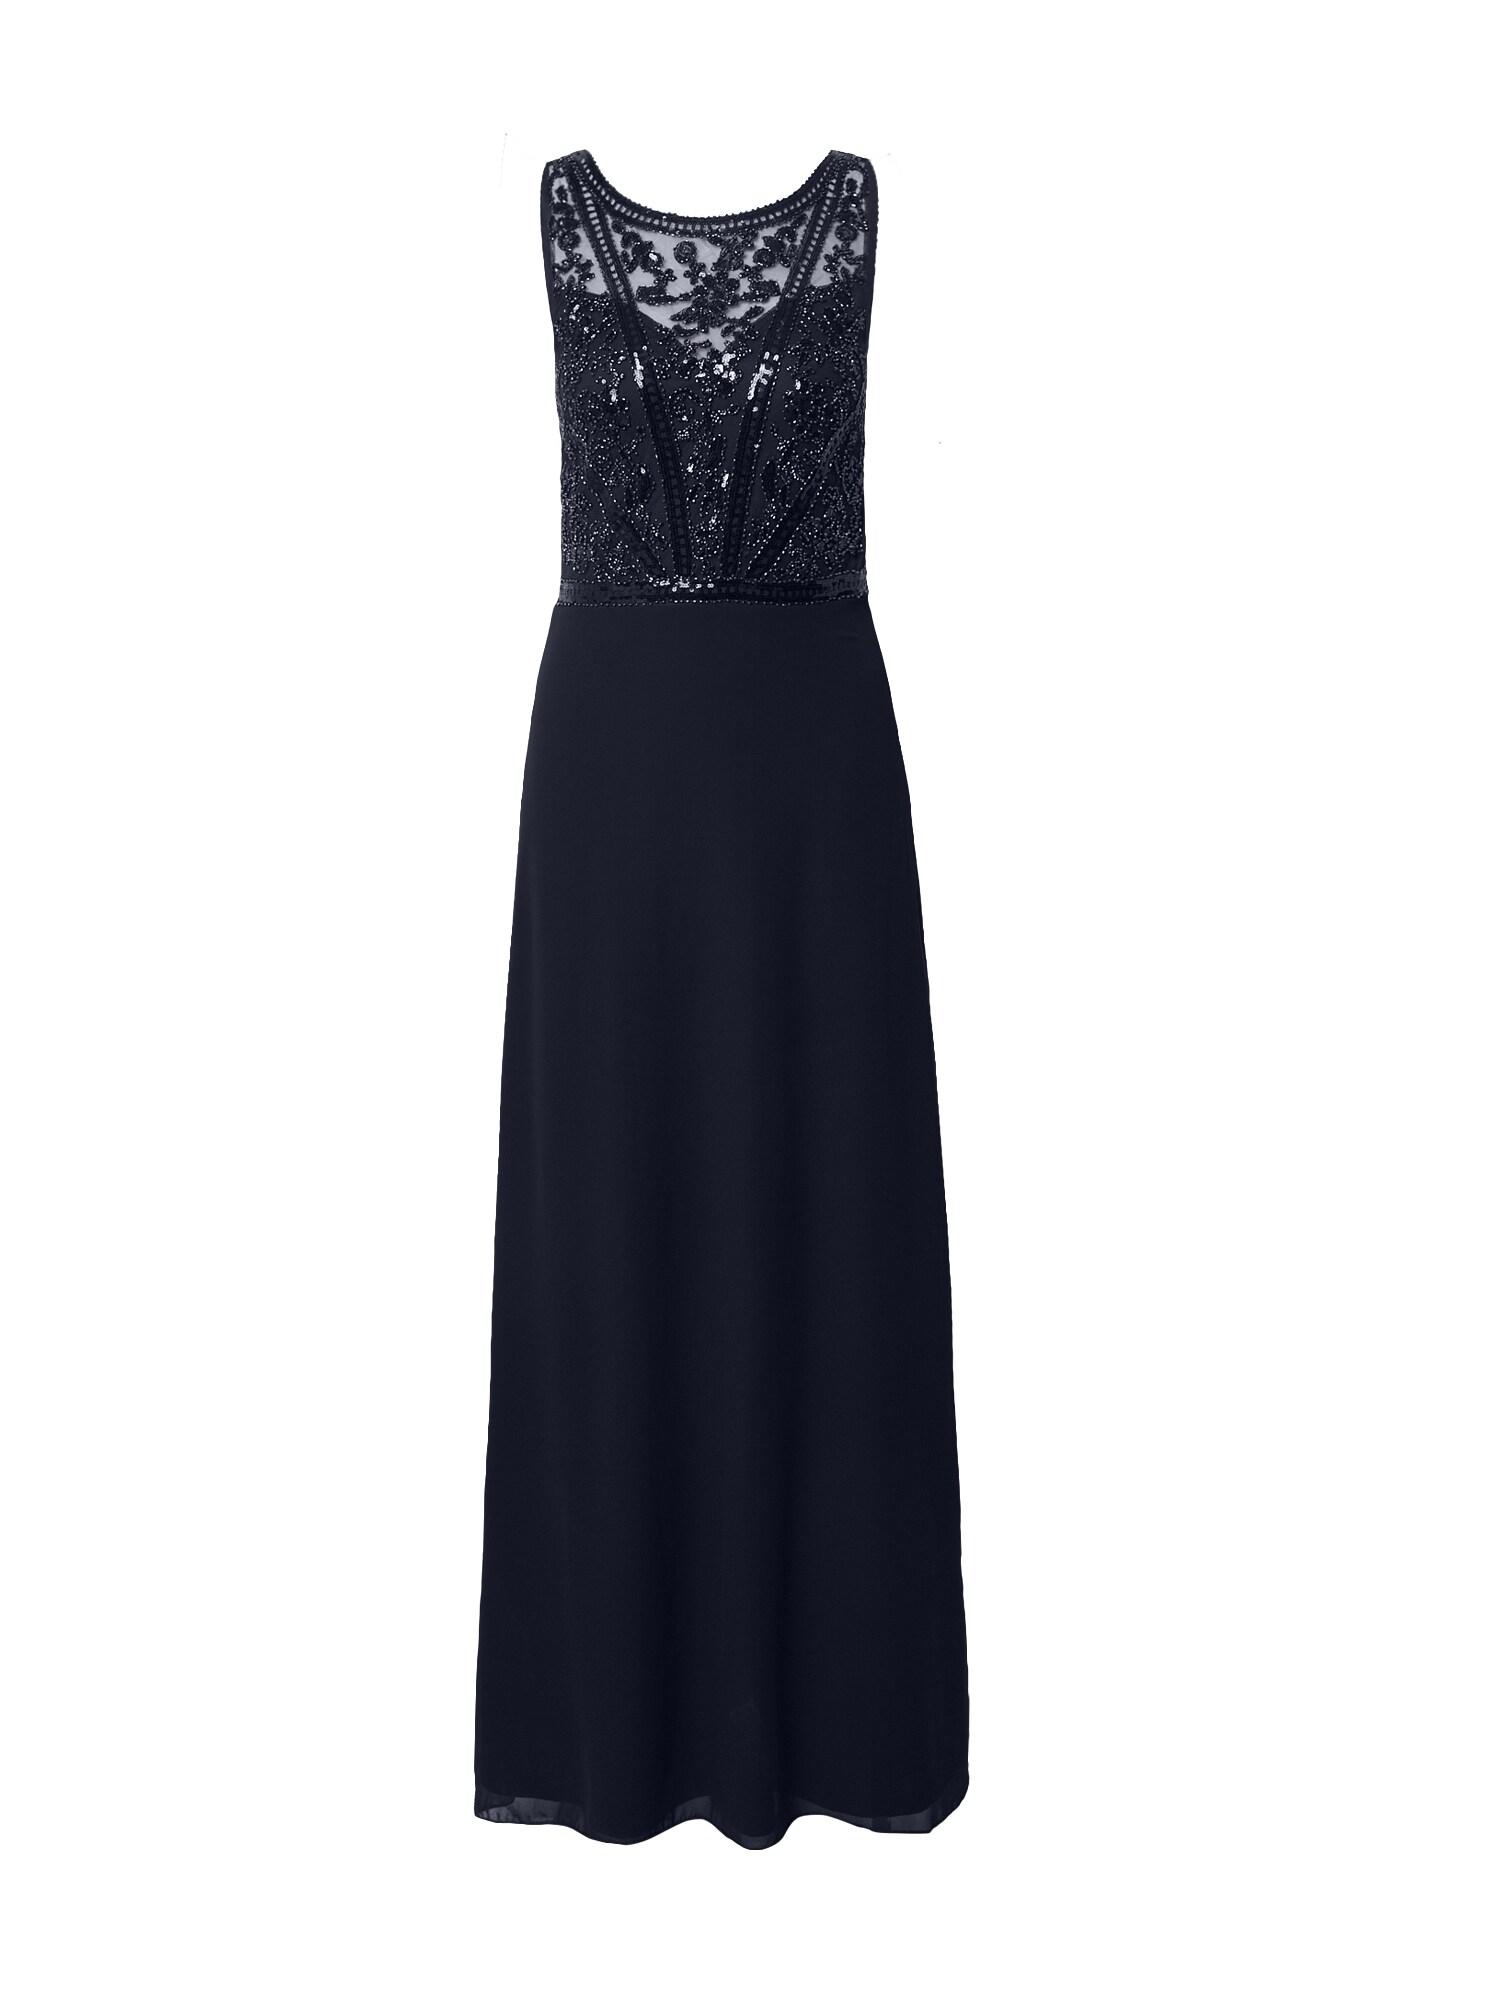 Molly BRACKEN Vakarinė suknelė nakties mėlyna